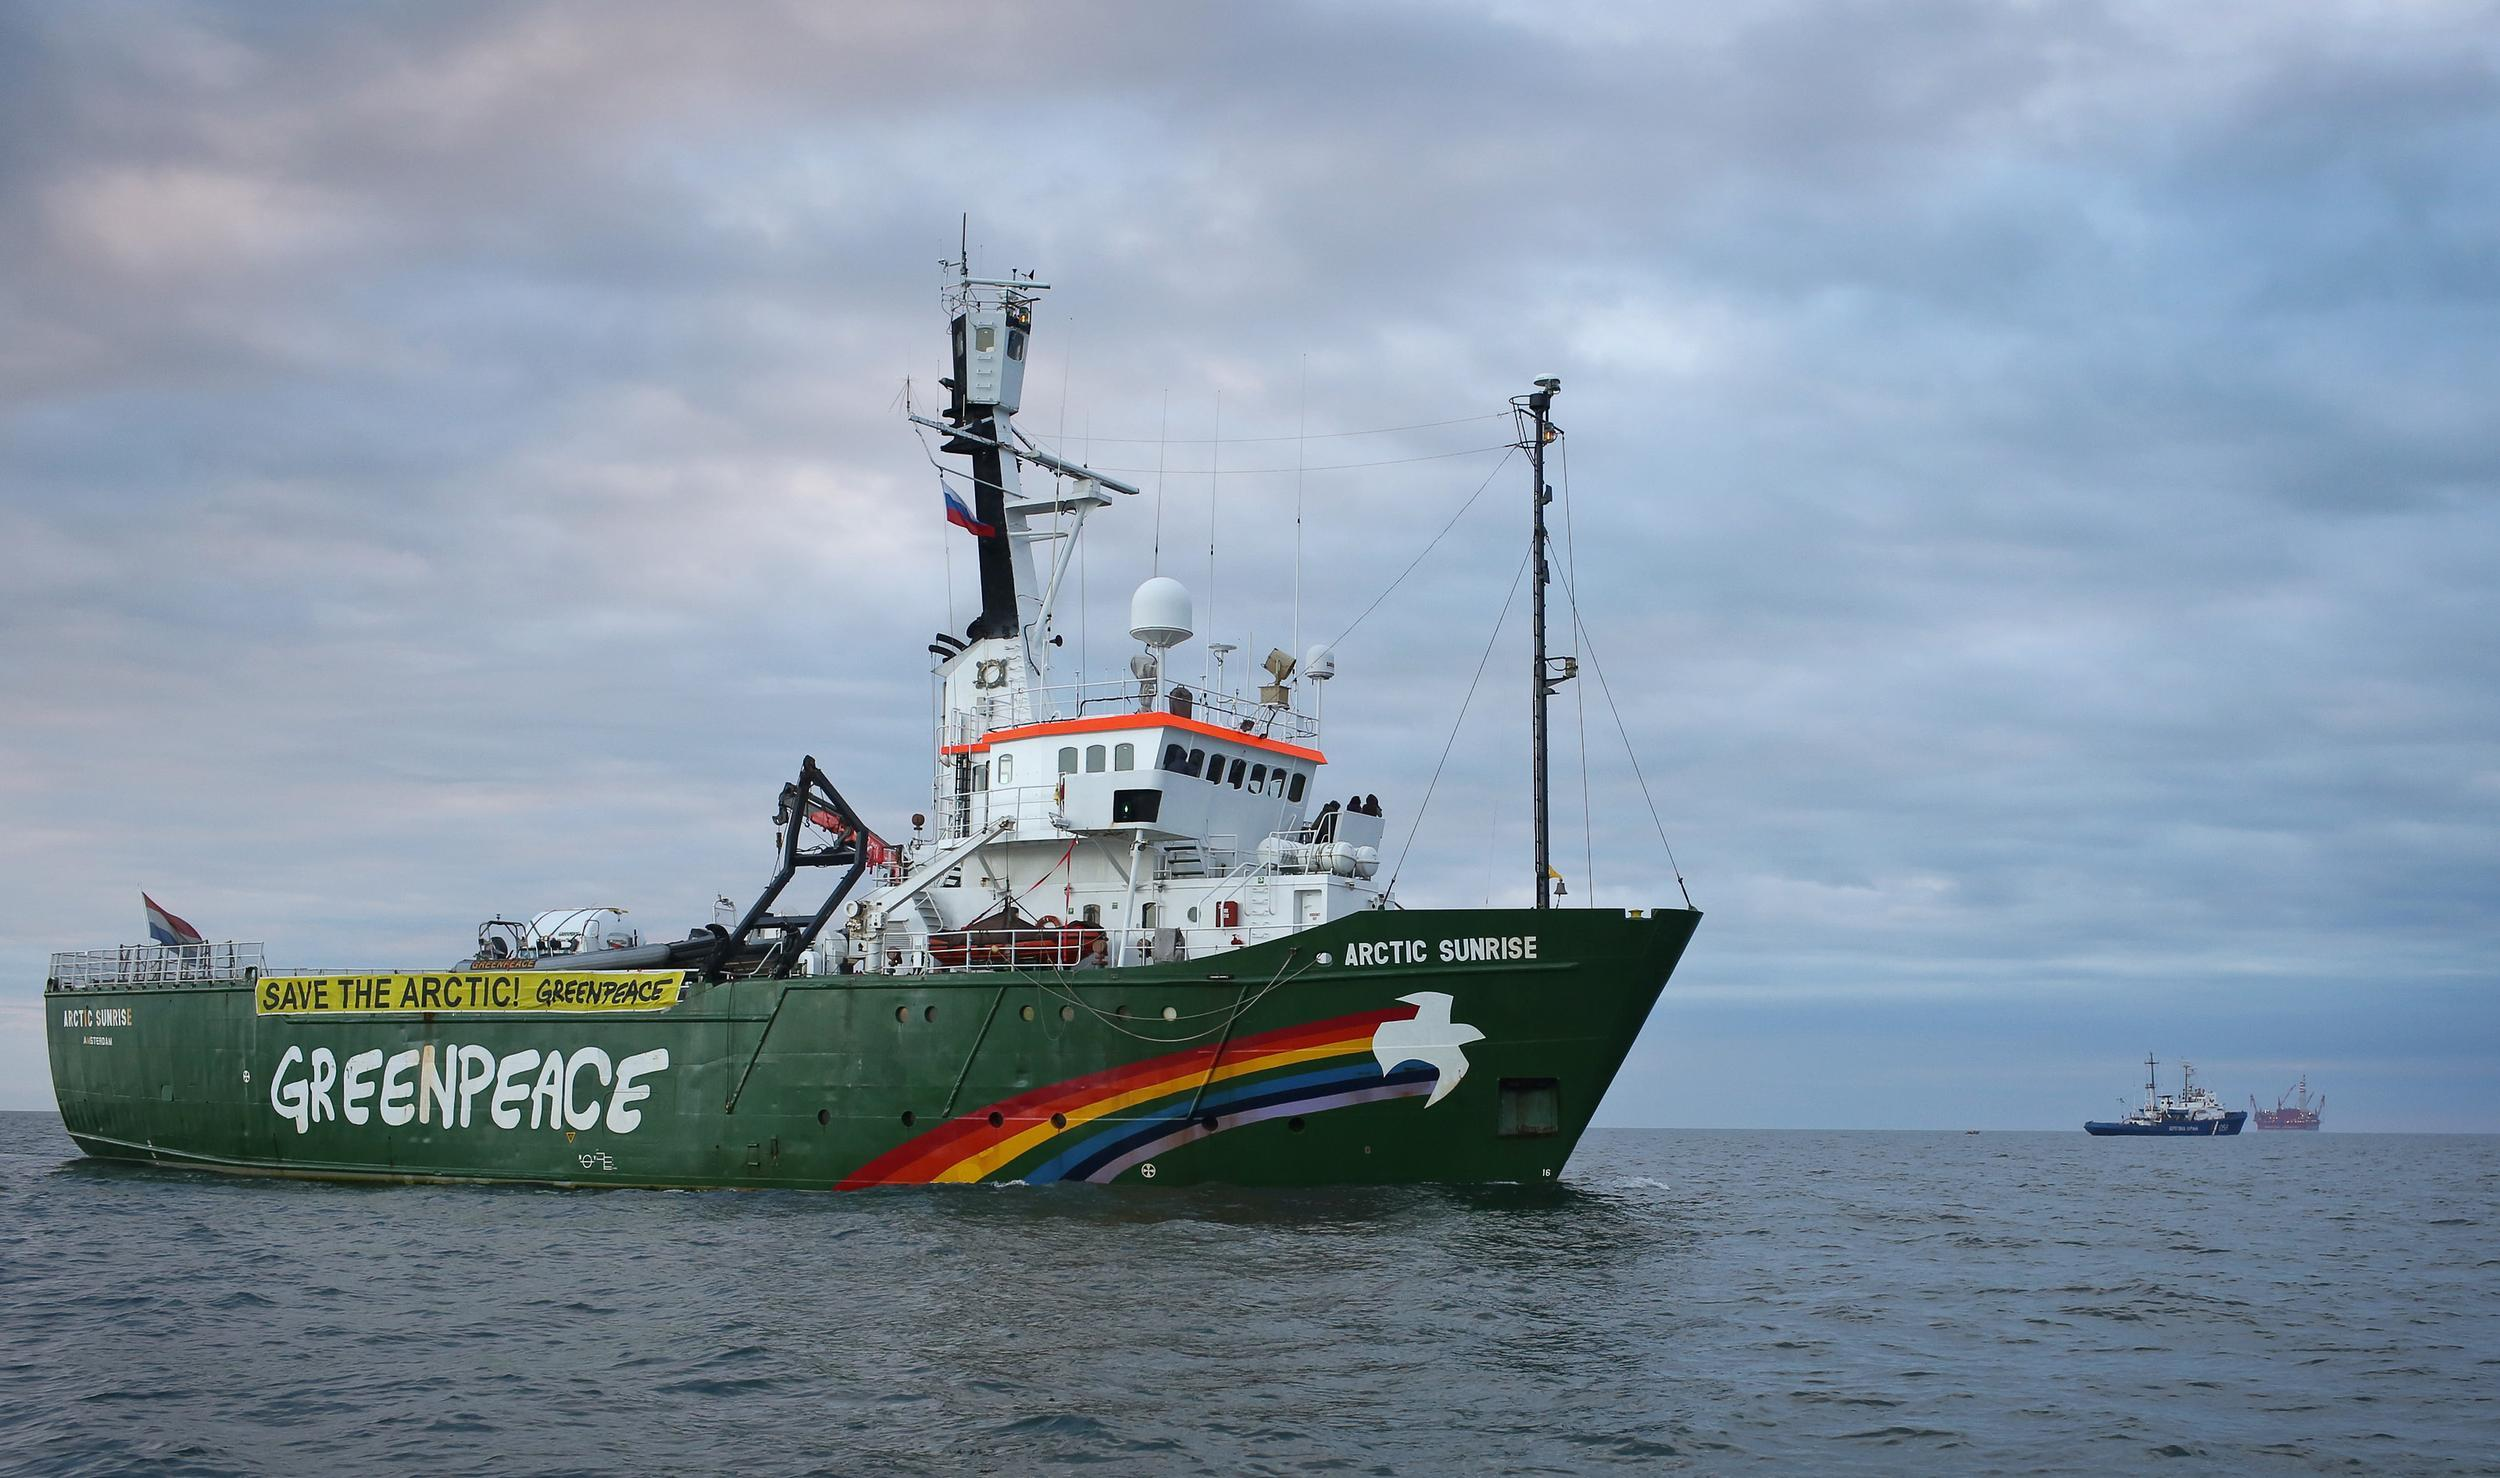 Greenpeace's Arctic Sunrise vessel